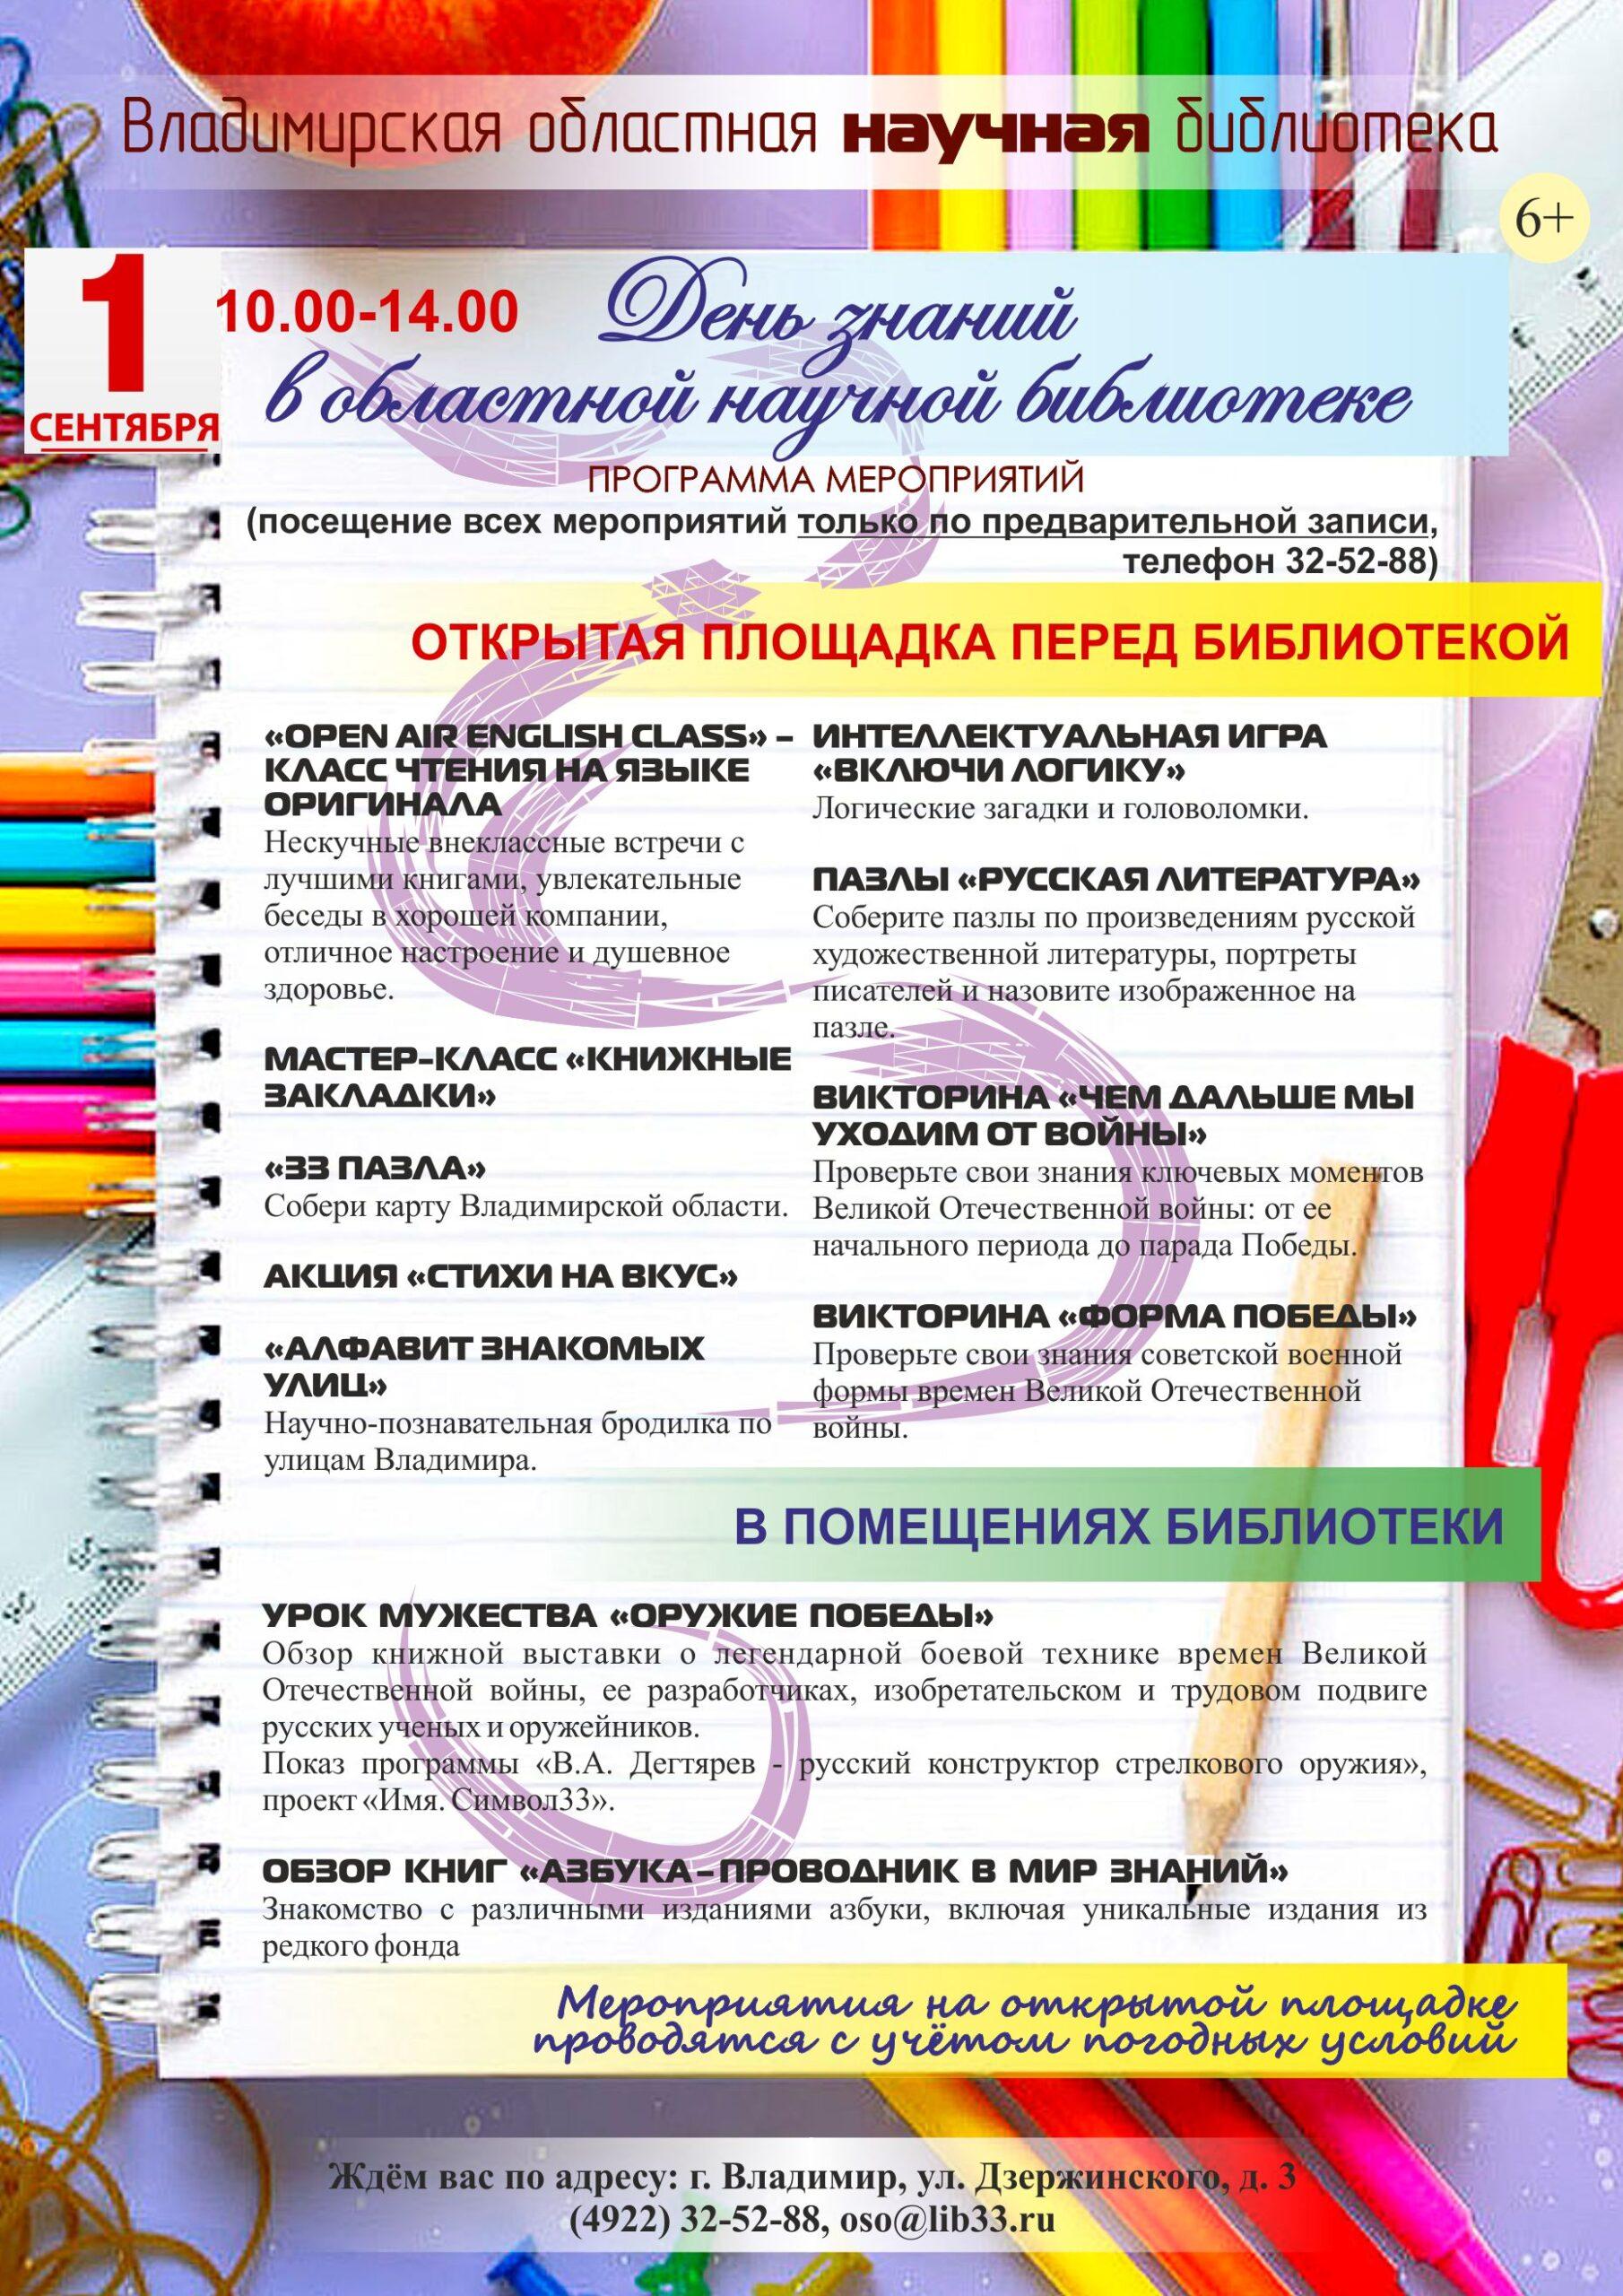 Программа мероприятий ко Дню знаний